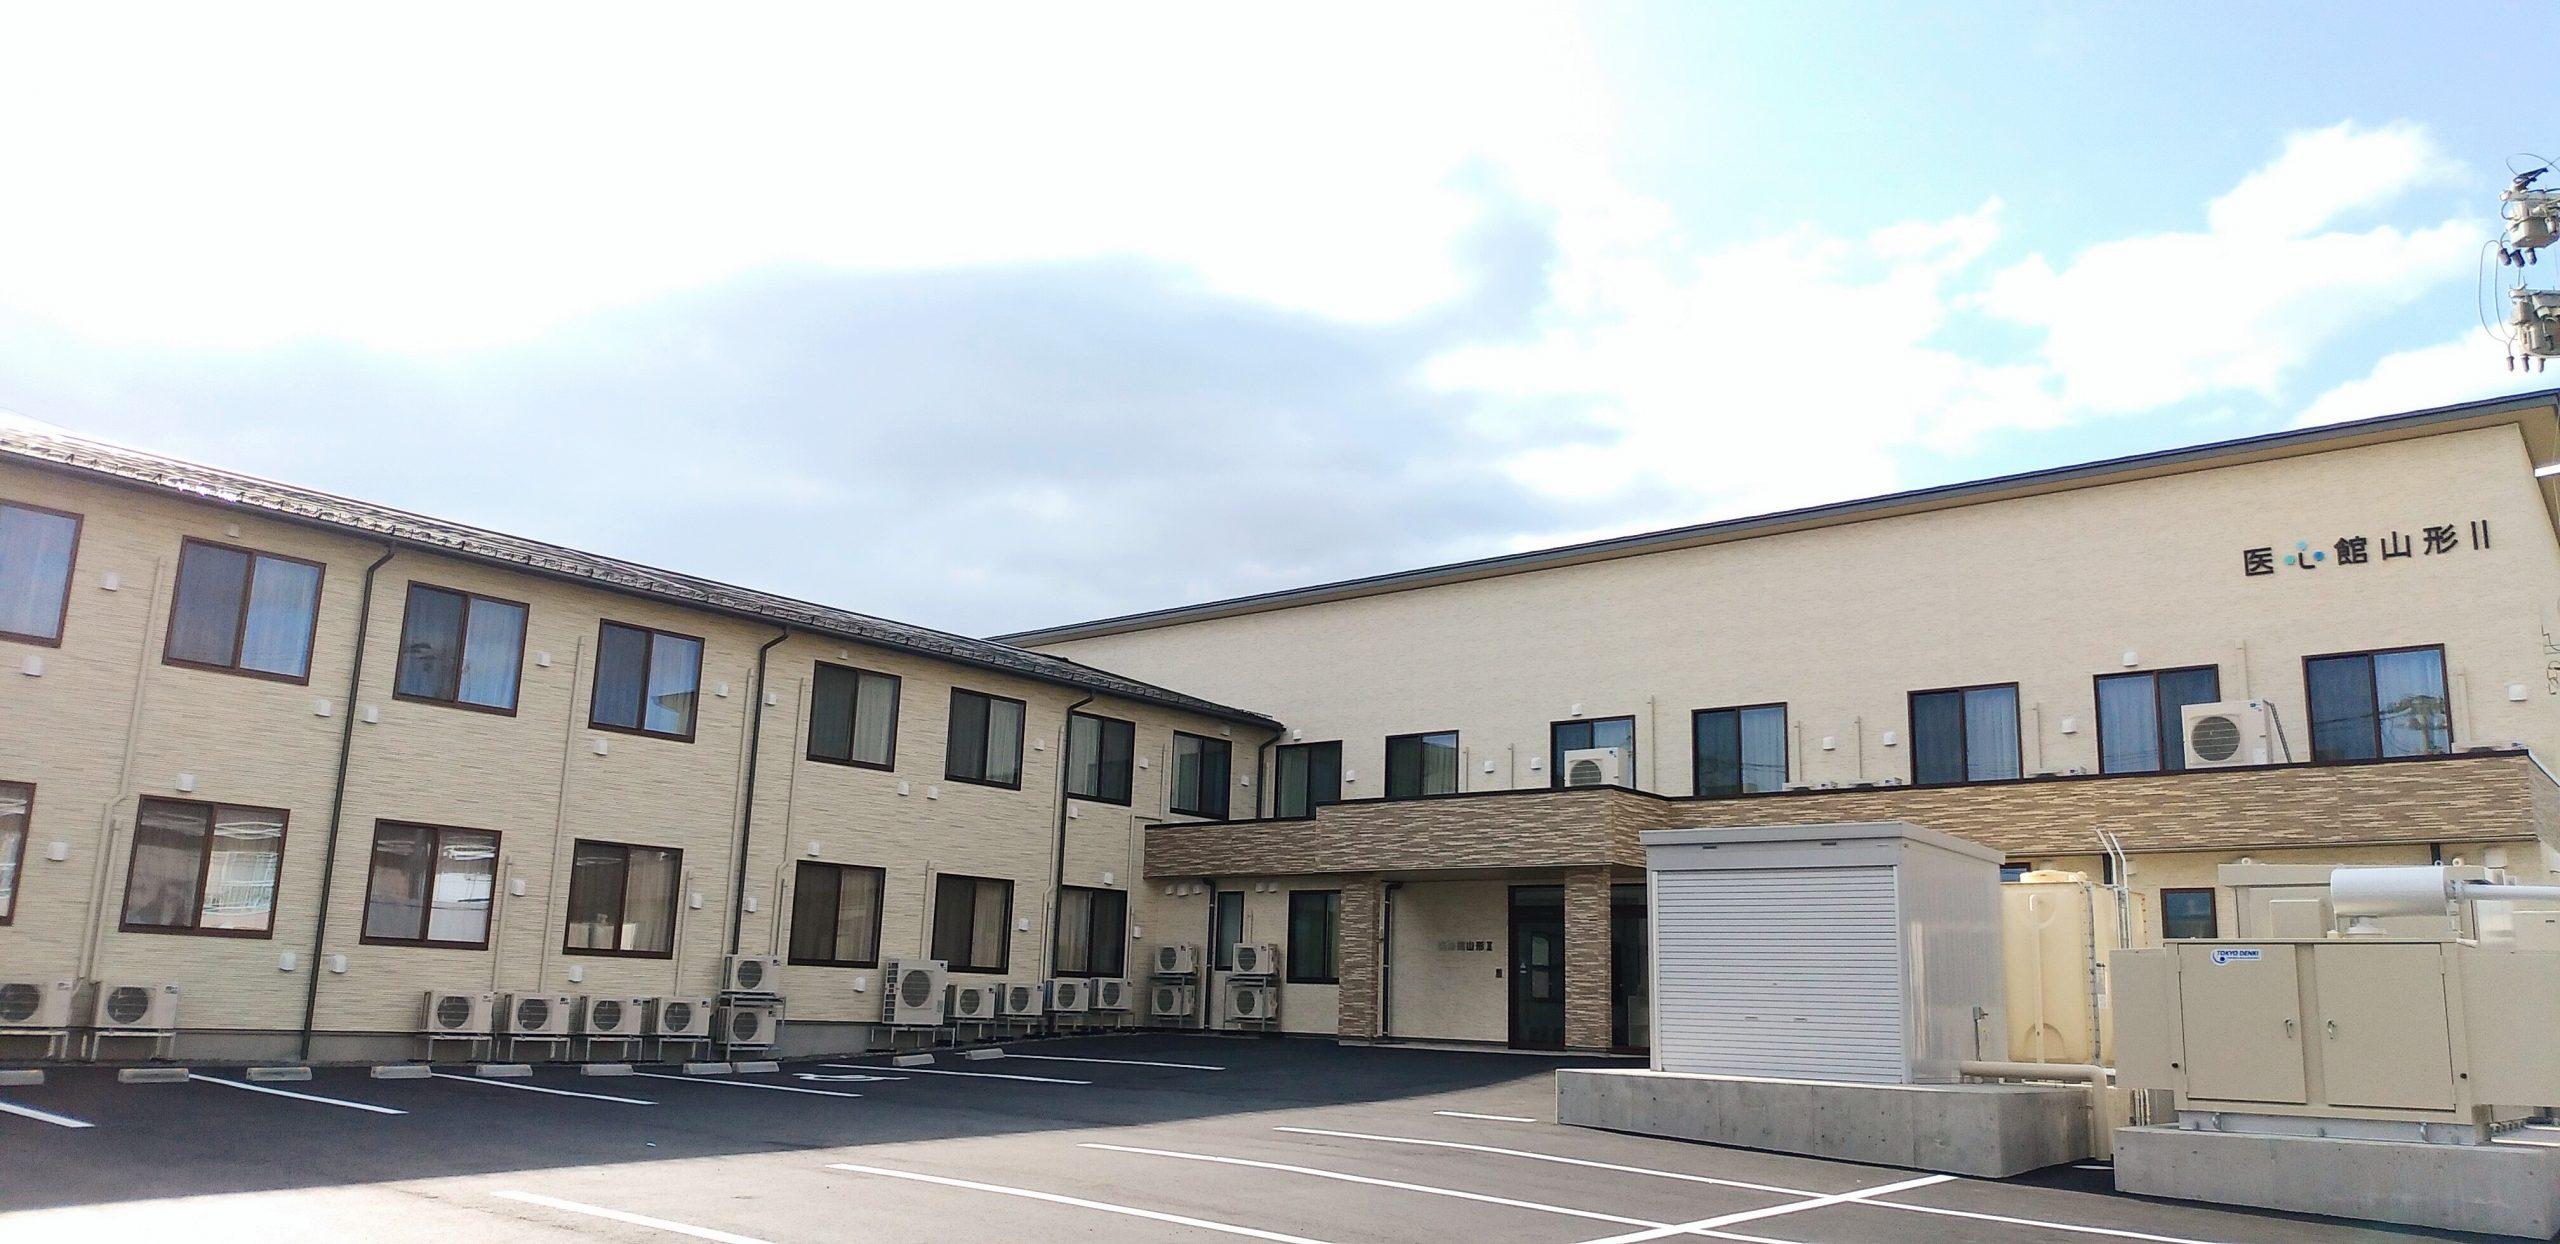 山形県では2施設目となる有料老人ホーム「医心館 山形Ⅱ」をオープンしました